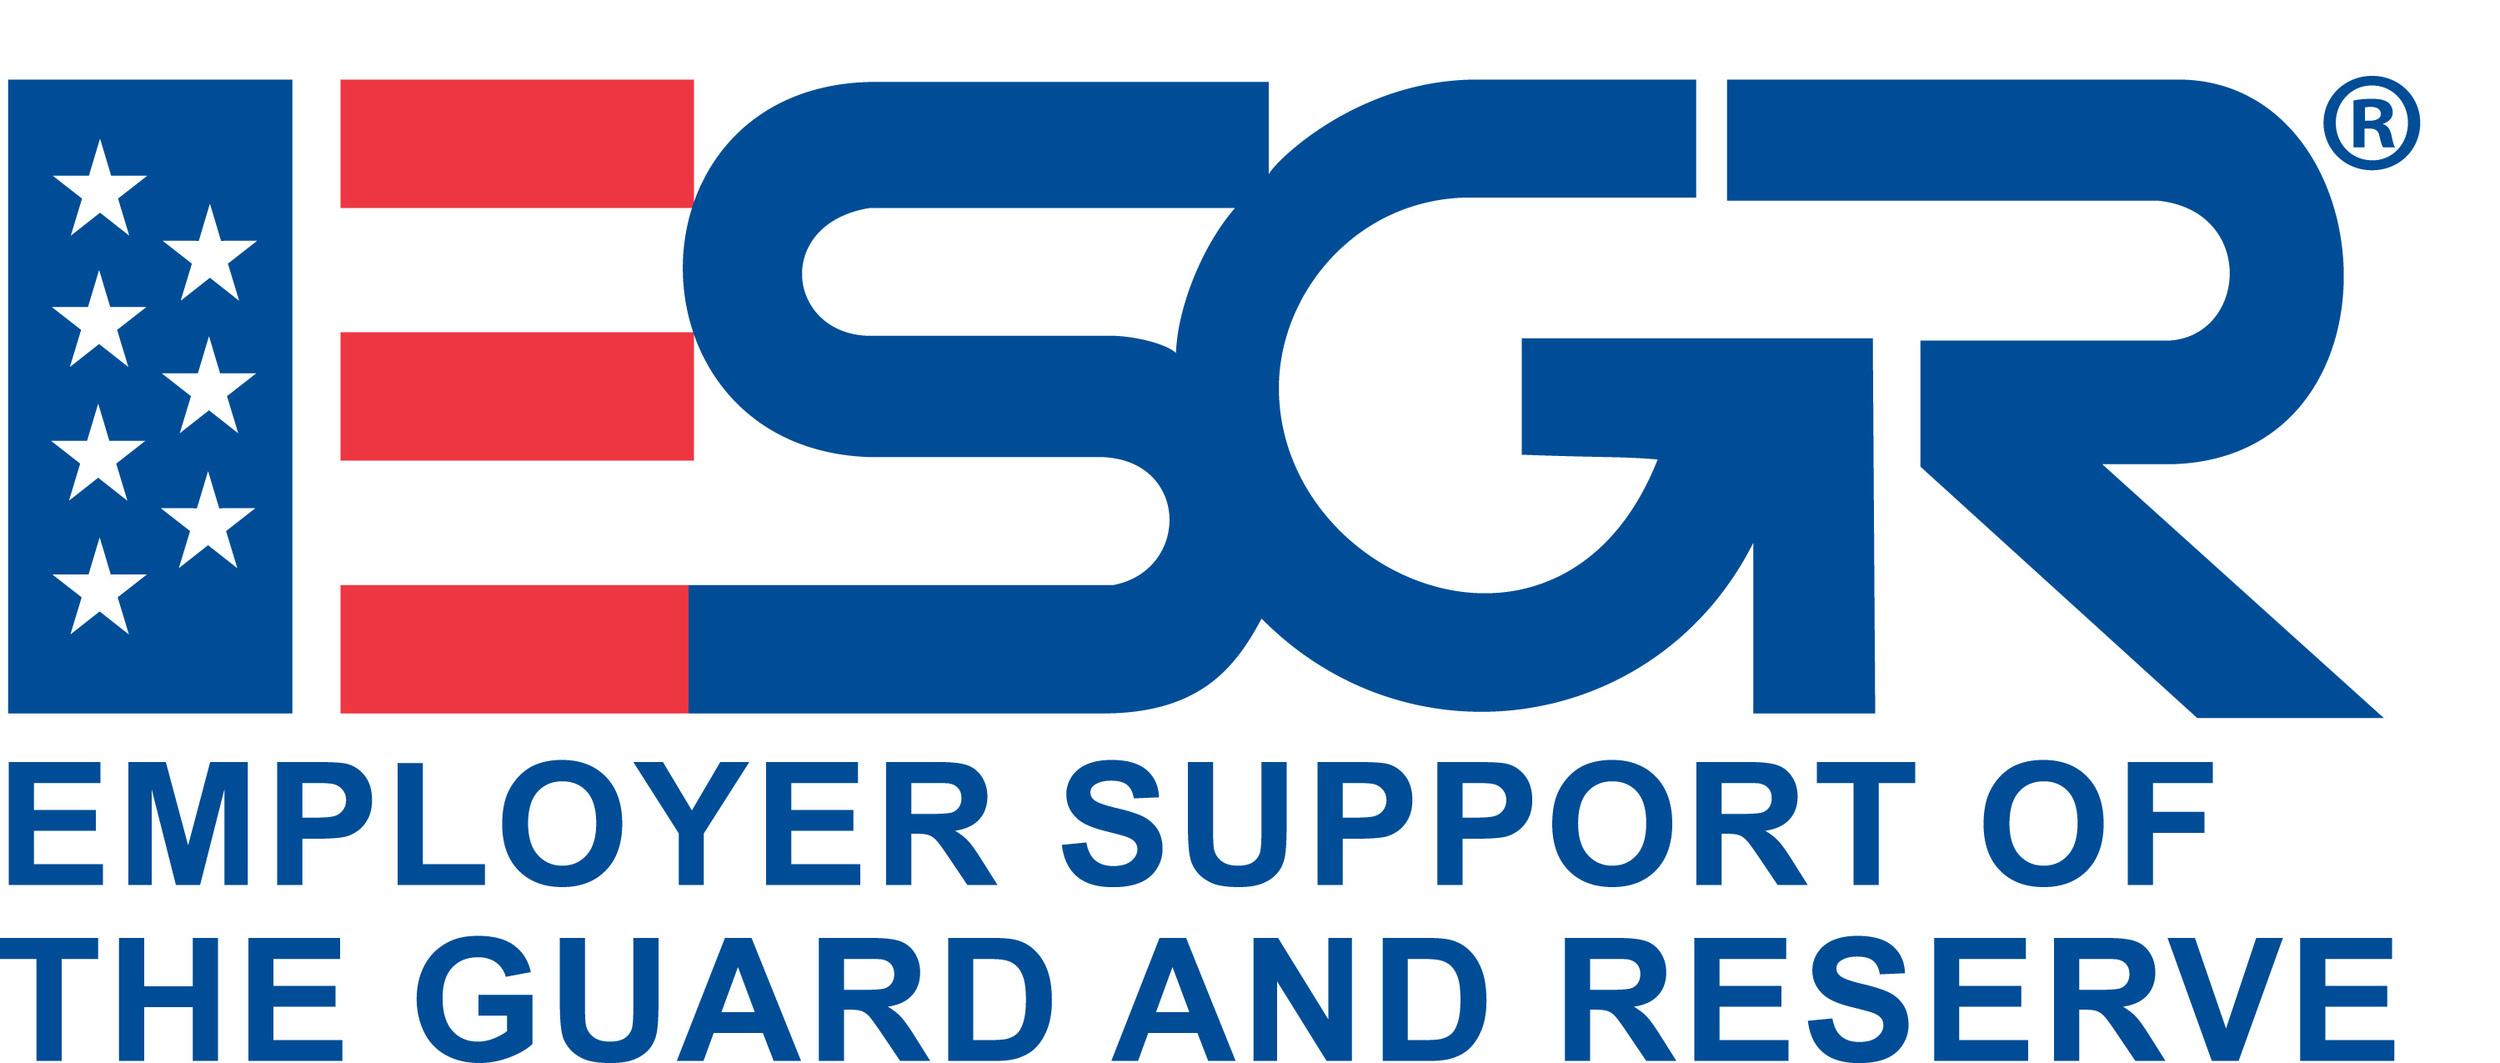 ESGR-logo.jpg